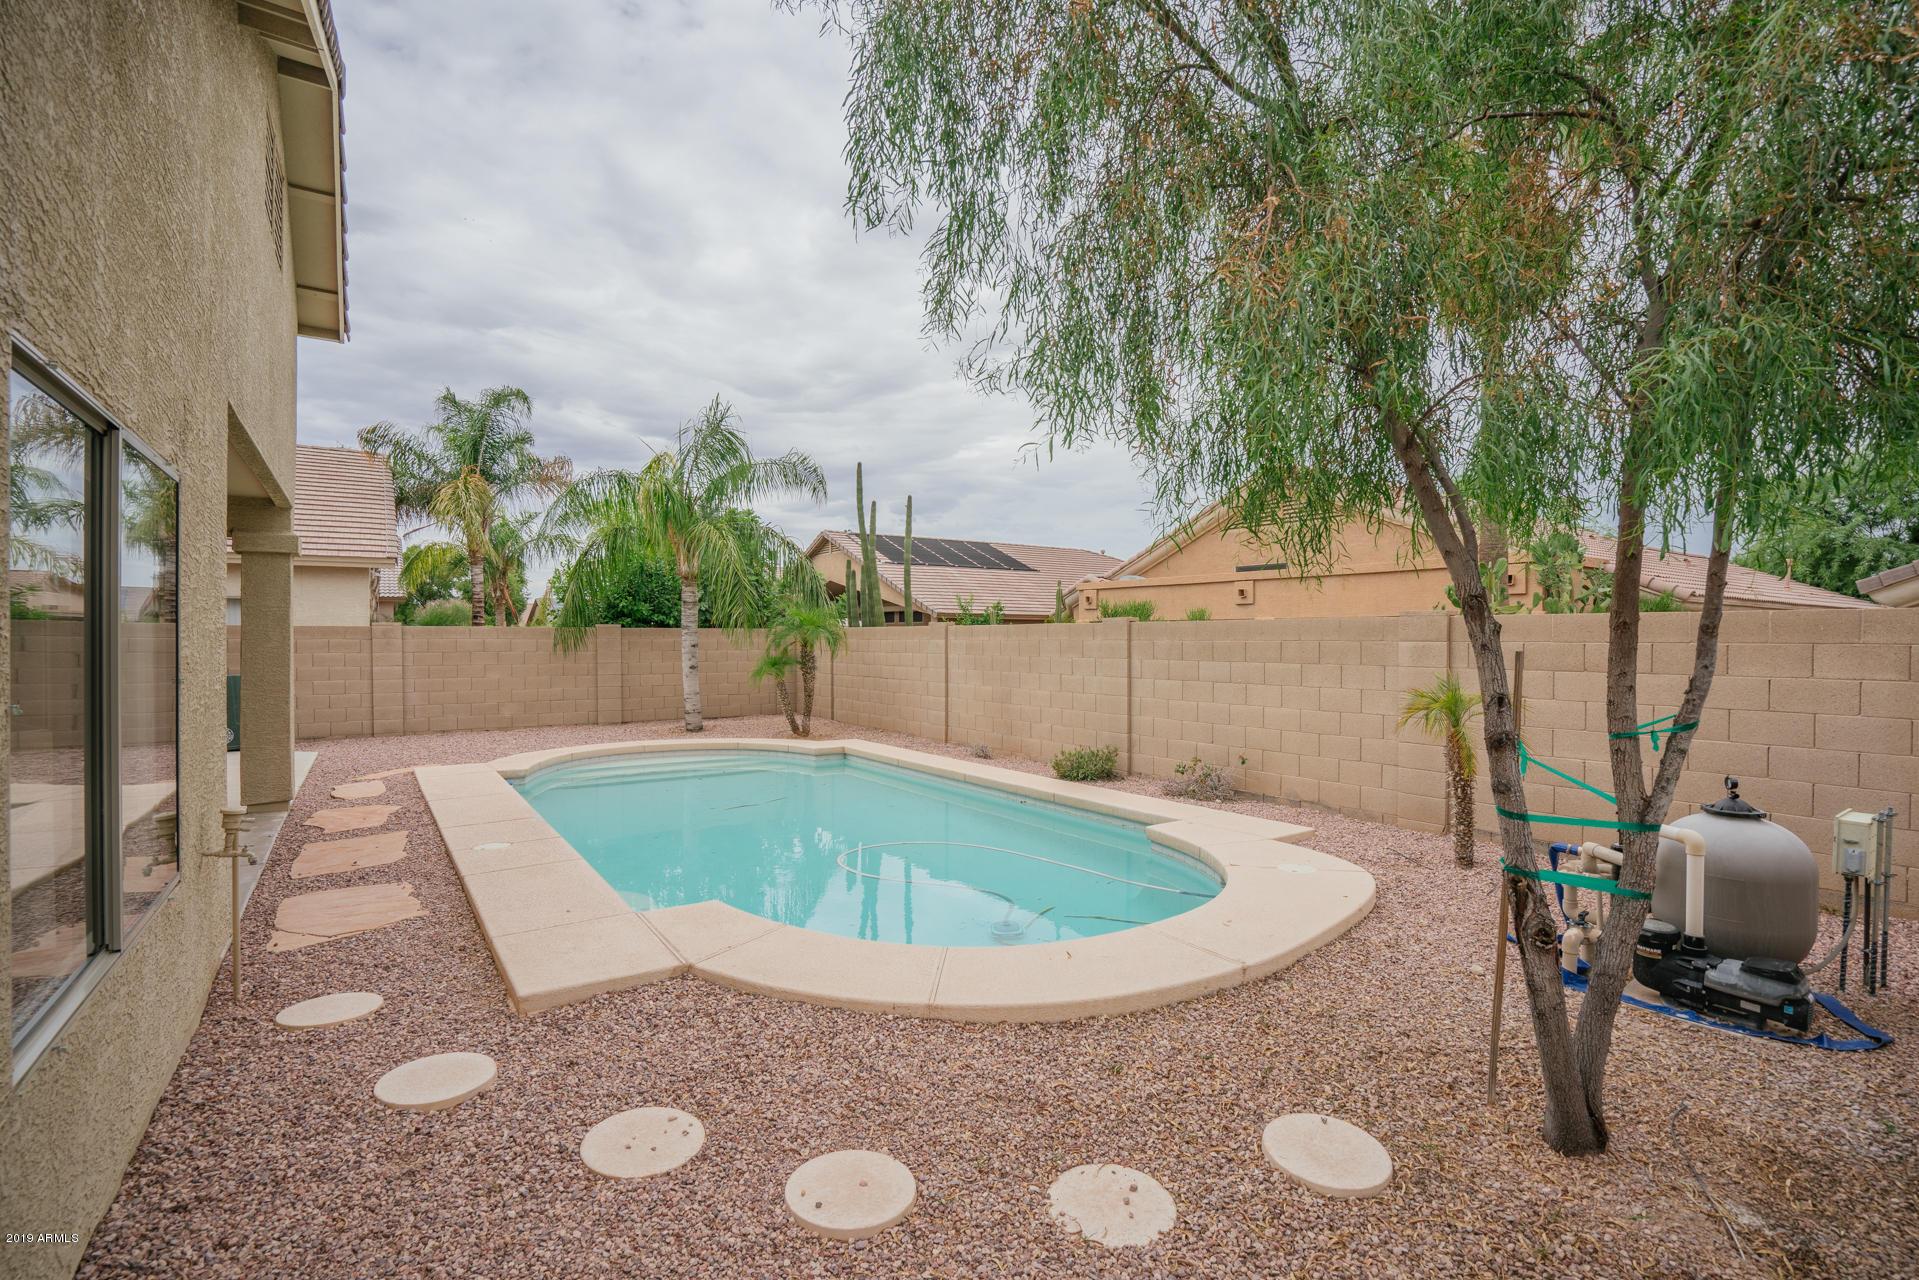 MLS 5961787 12826 W ROSEWOOD Drive, El Mirage, AZ 85335 El Mirage AZ Private Pool